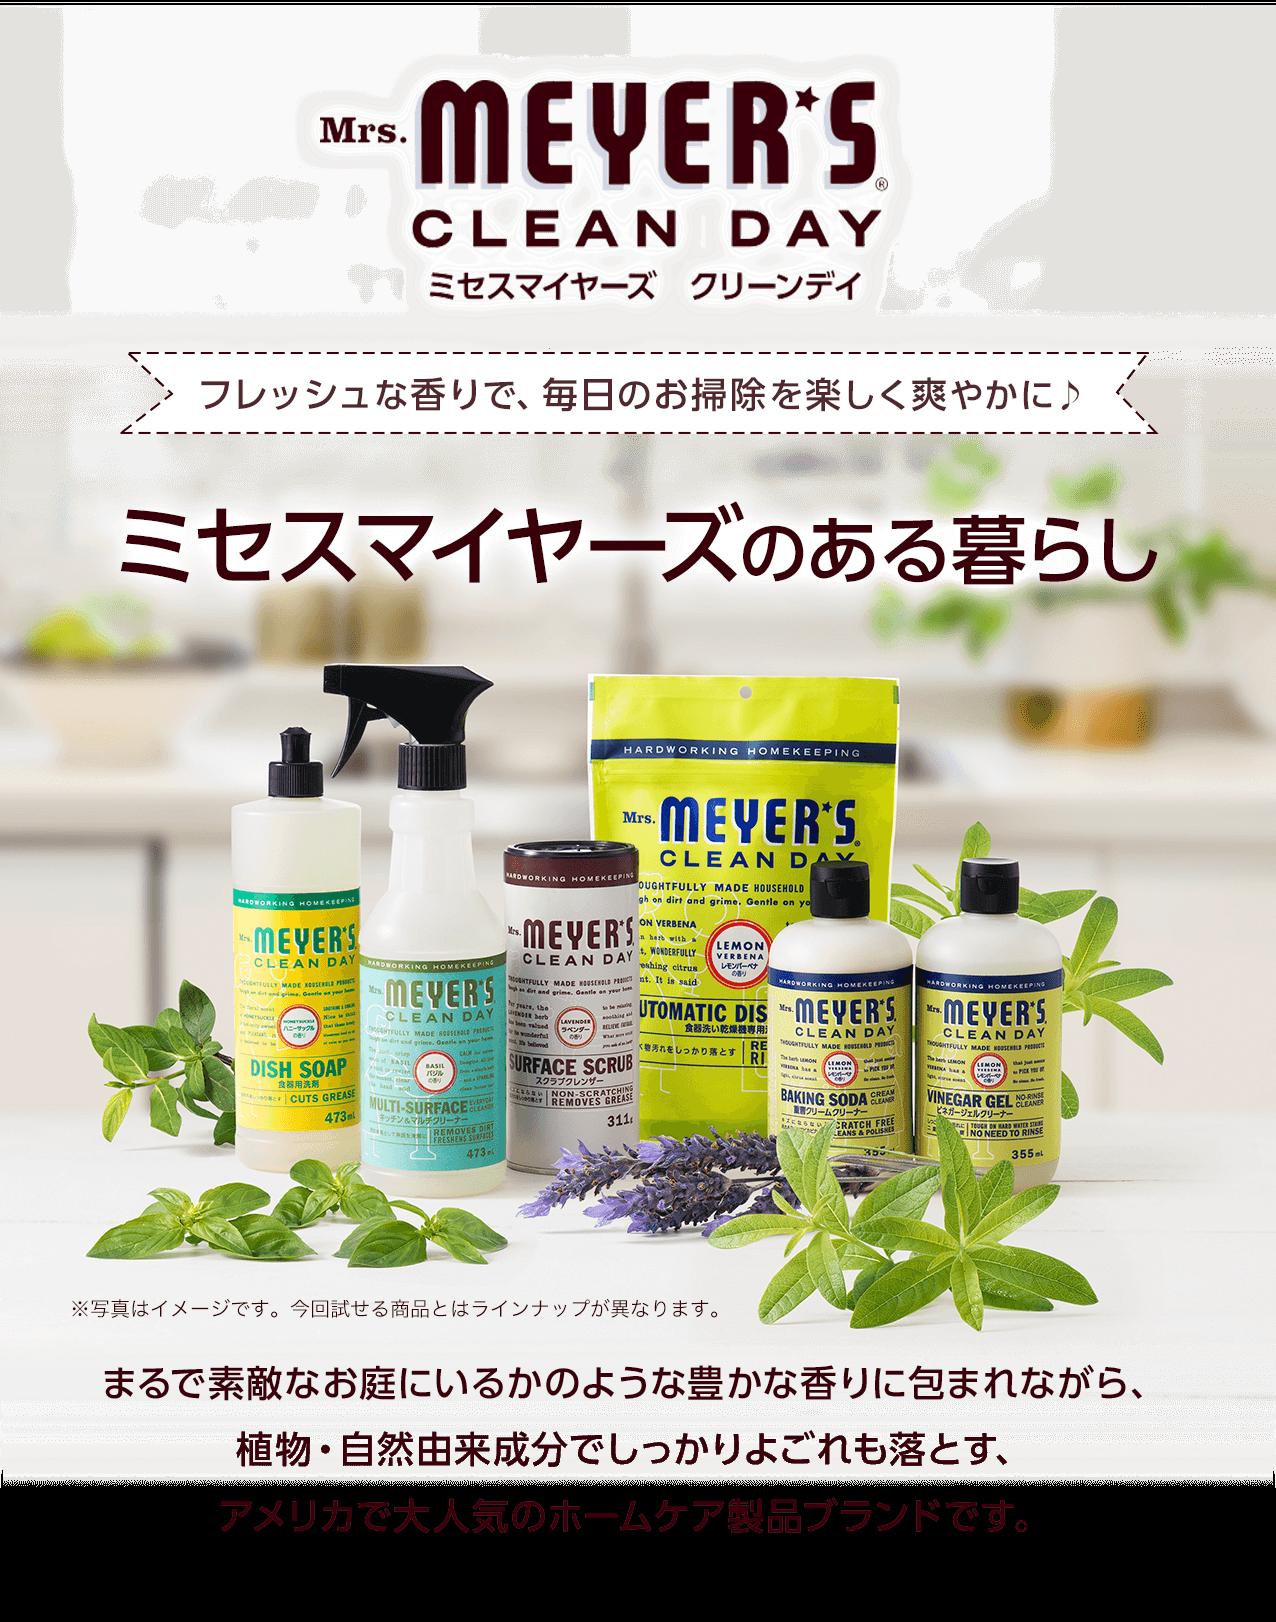 ミセスマイヤーズクリーンデイ フレッシュな香りで、毎日のお掃除を楽しく爽やかに♪ミセスマイヤーズのある暮らし